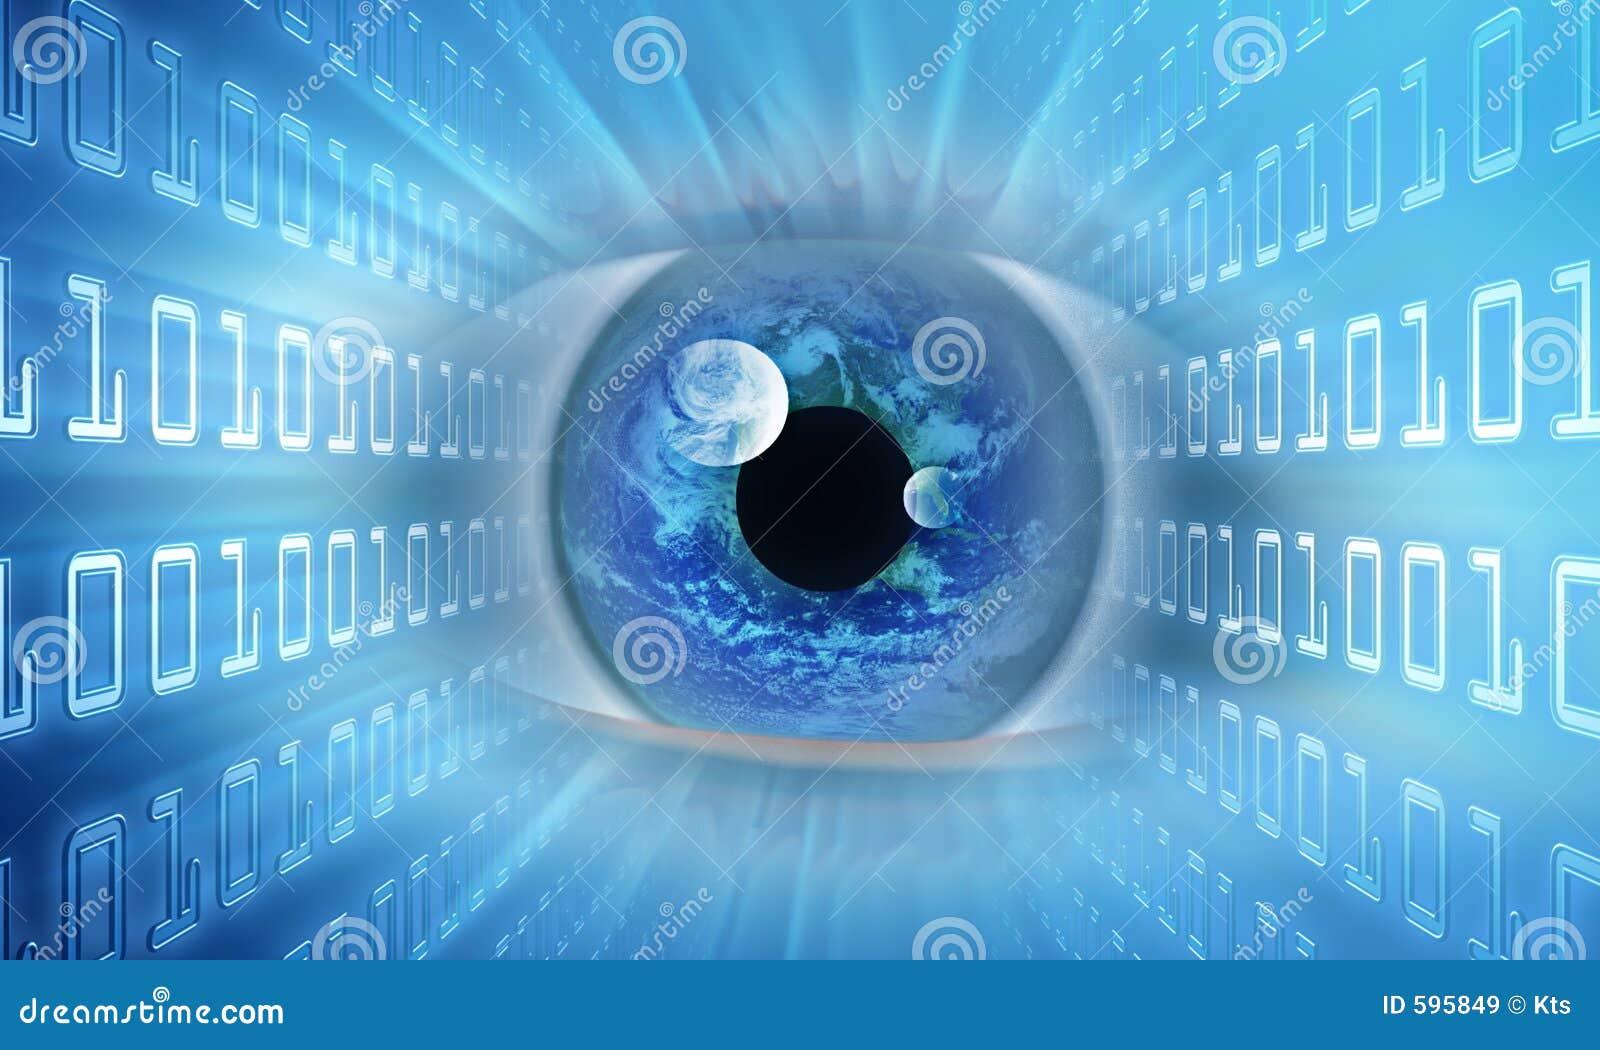 Eye of information